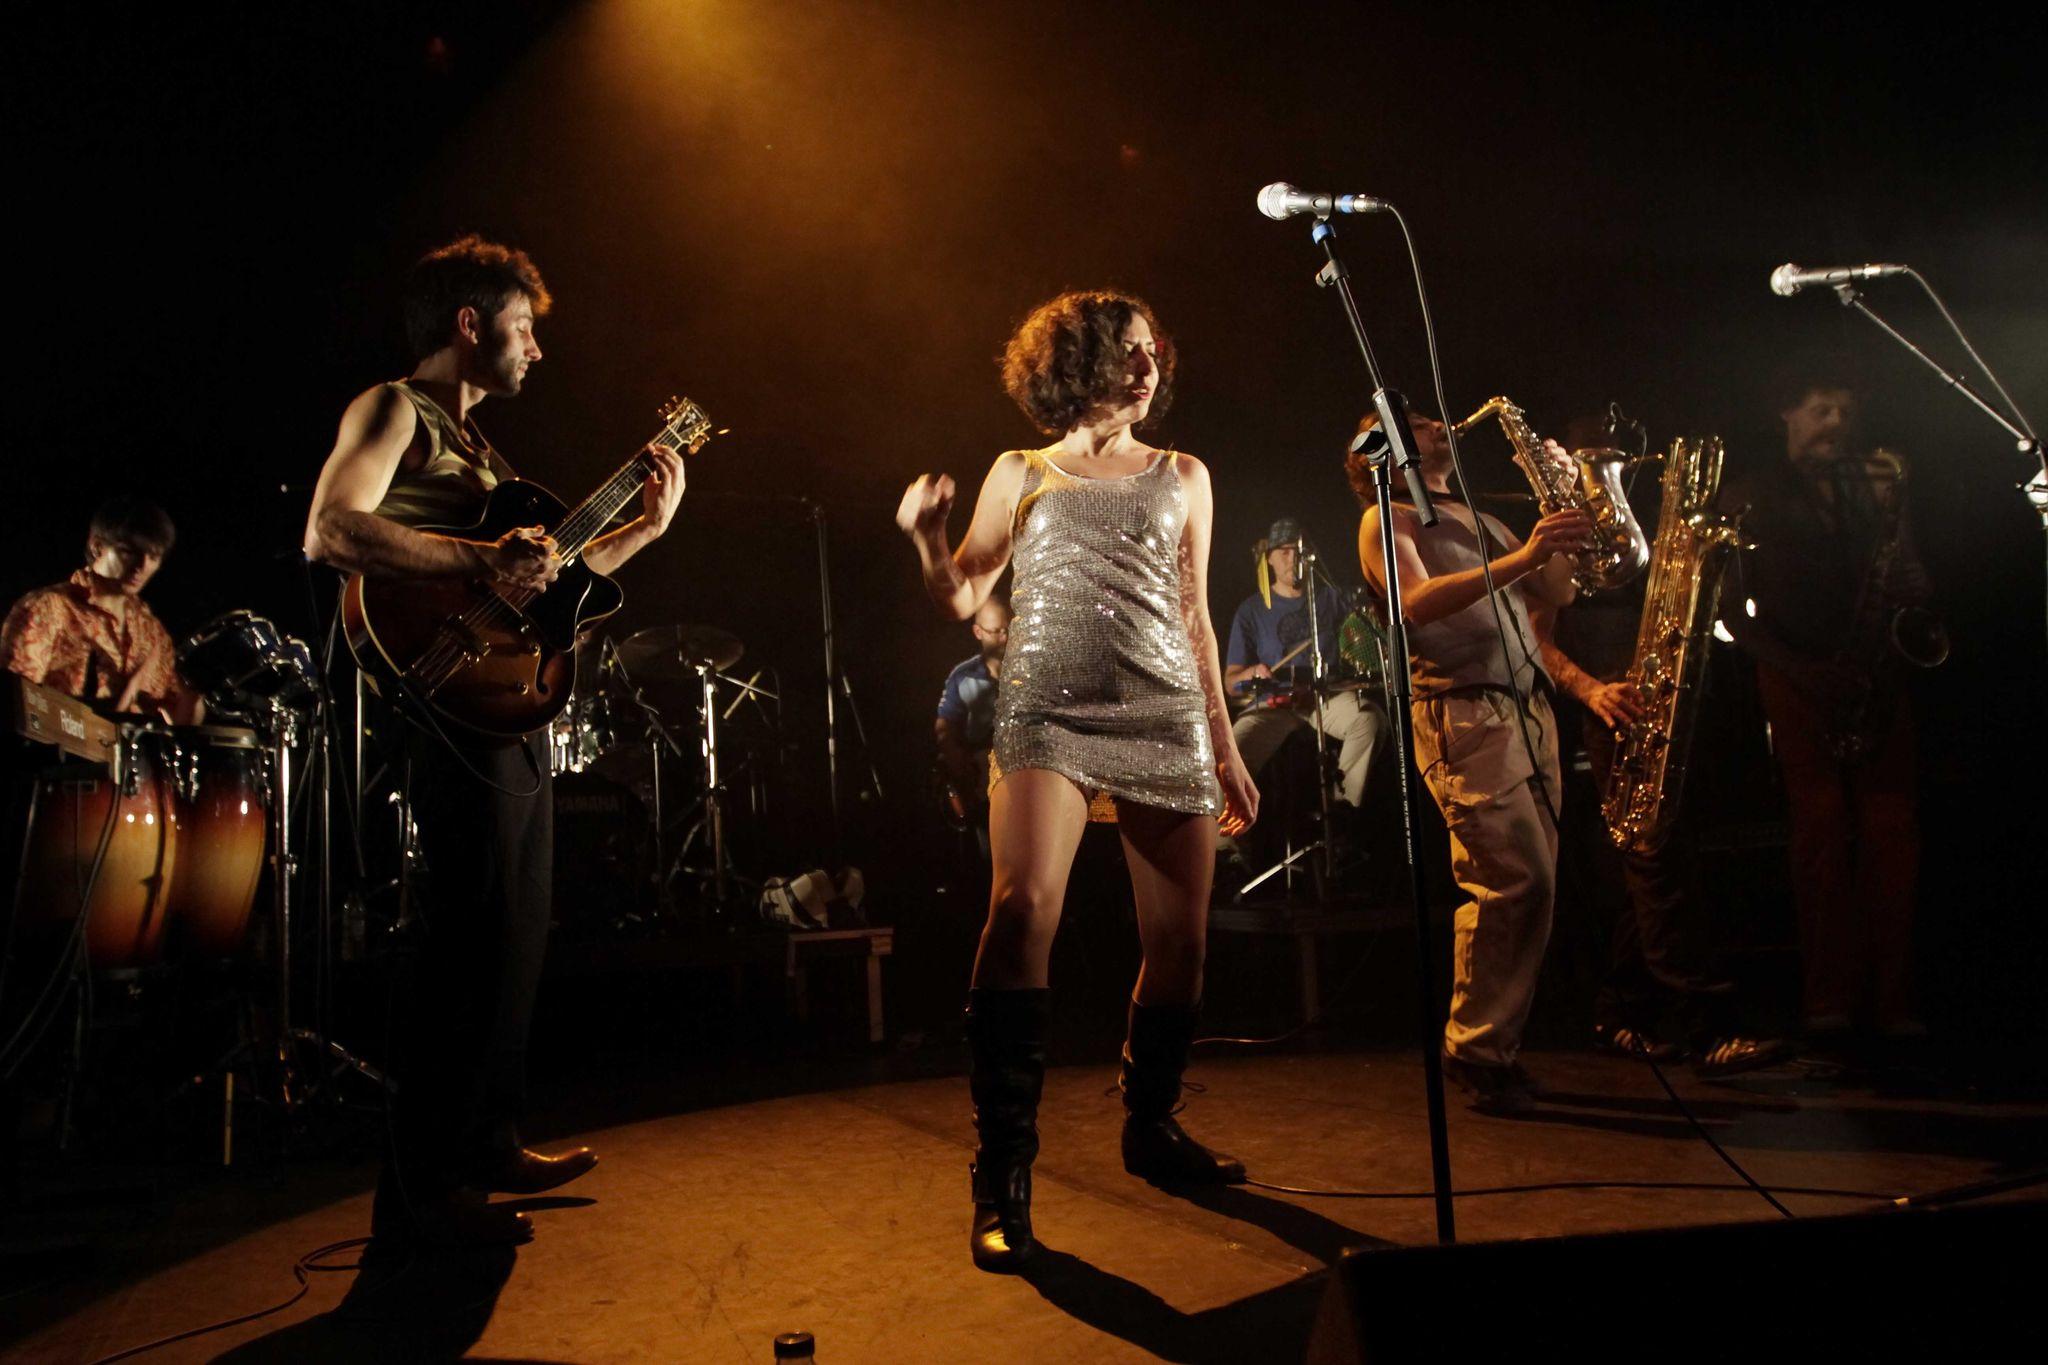 AfroWildZombies-Tour2Chauffe-LesArcades-2012-233